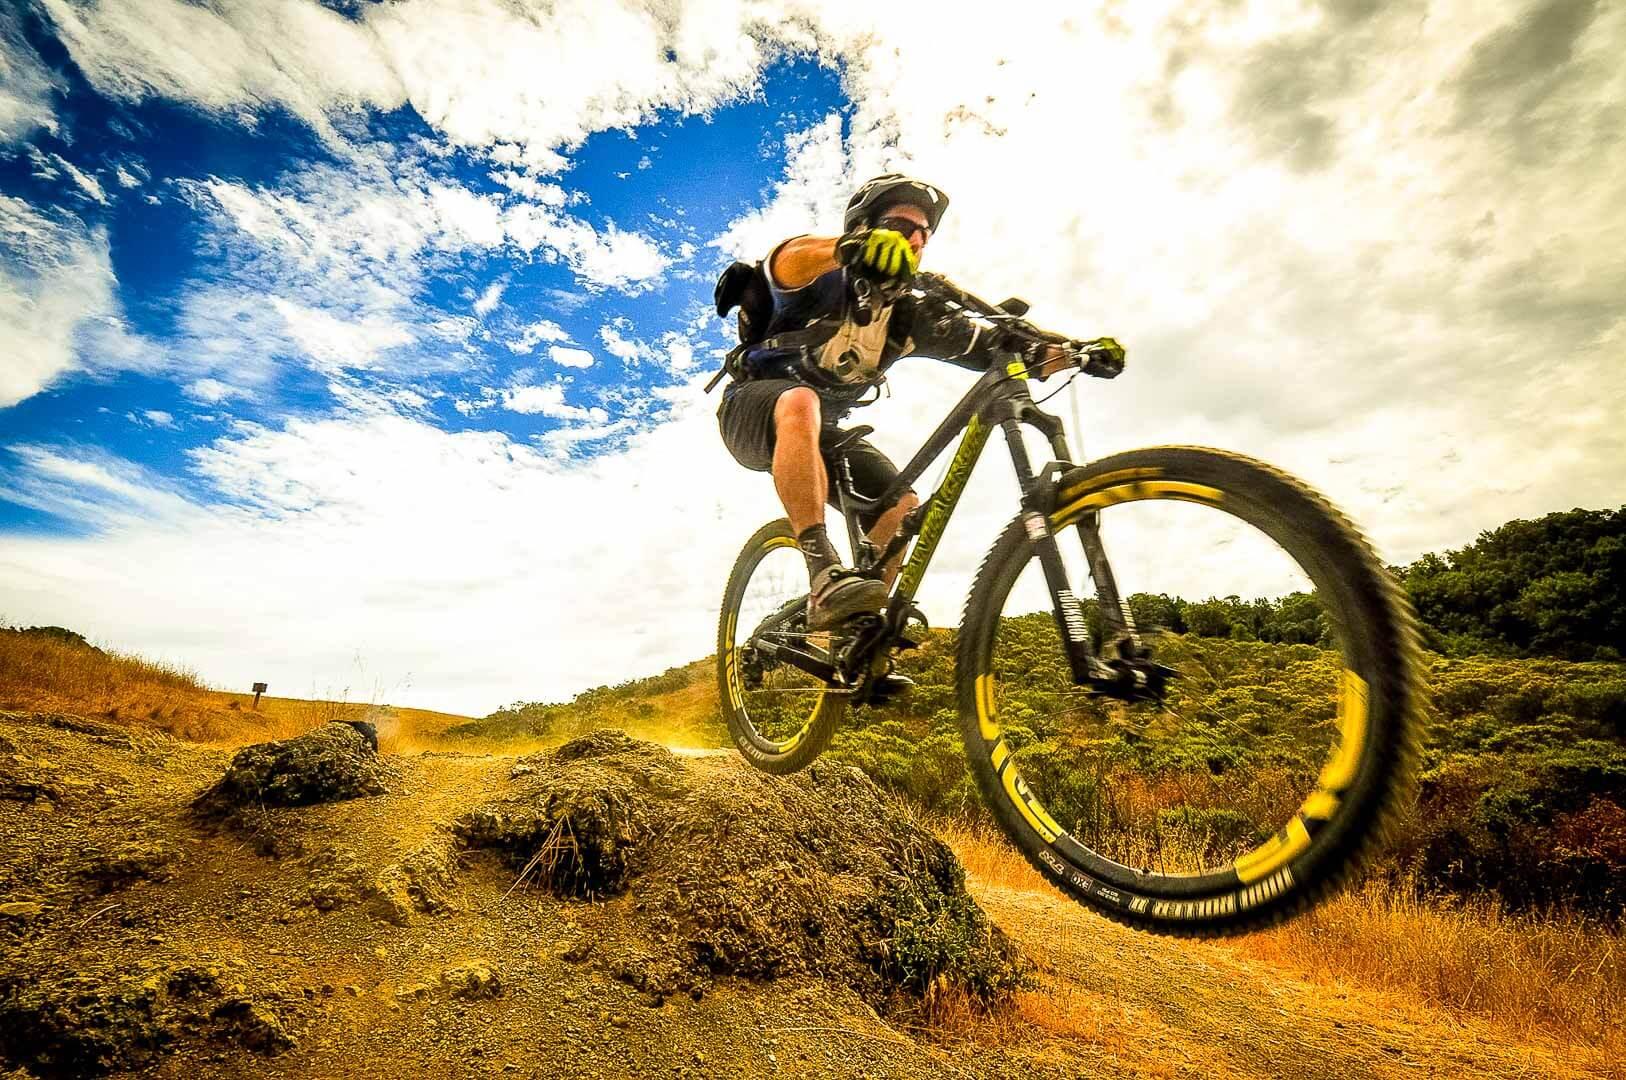 Aplazado evento de montain bike programado para este fin de semana en Arauca